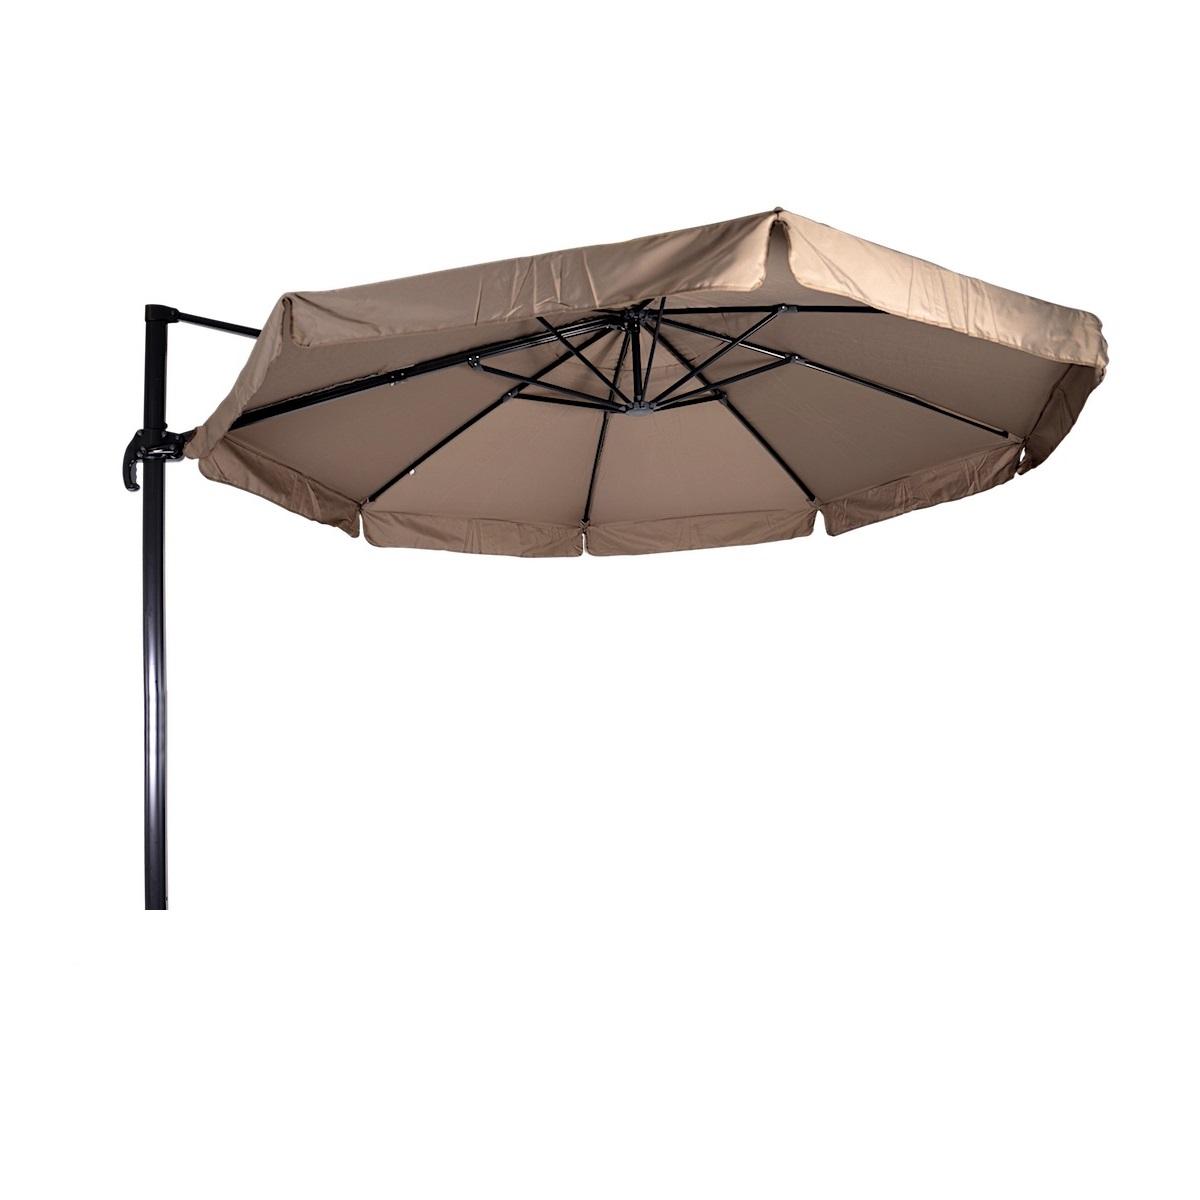 Parasol kiezen – welke parasol is geschikt voor mijn tuin?